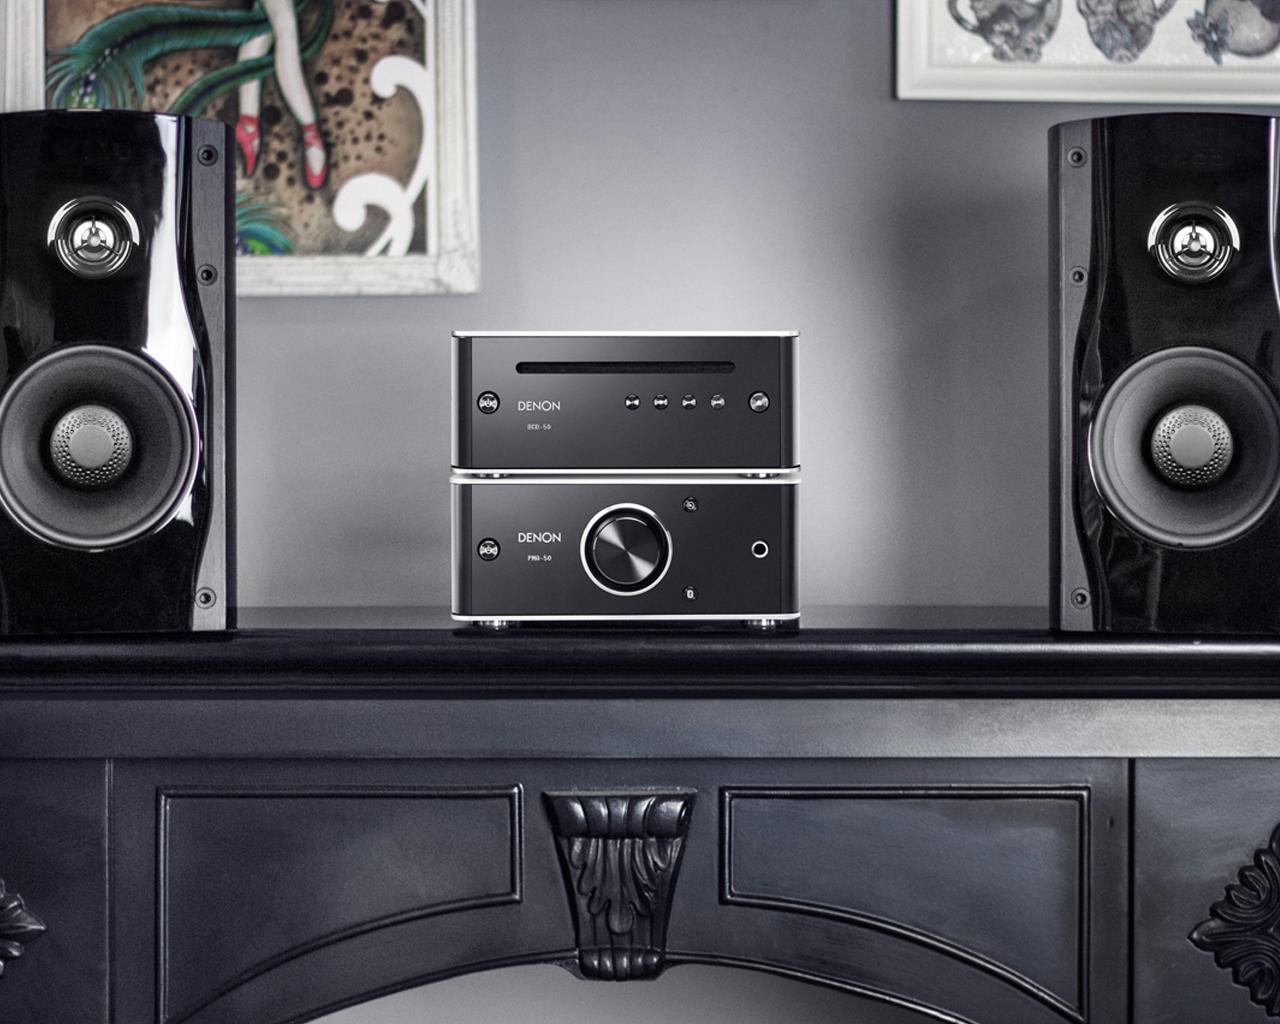 Denon DCD-50 Lettore Compact   DOLFI Hi-Fi FIRENZE vendita e permuta  impianti hi-fi stereo, hi-end e dolby, offerte nuovo e usato garantito,  grandi schermi video, video proiezione, home theatre sistemi multiroom,  accessori,